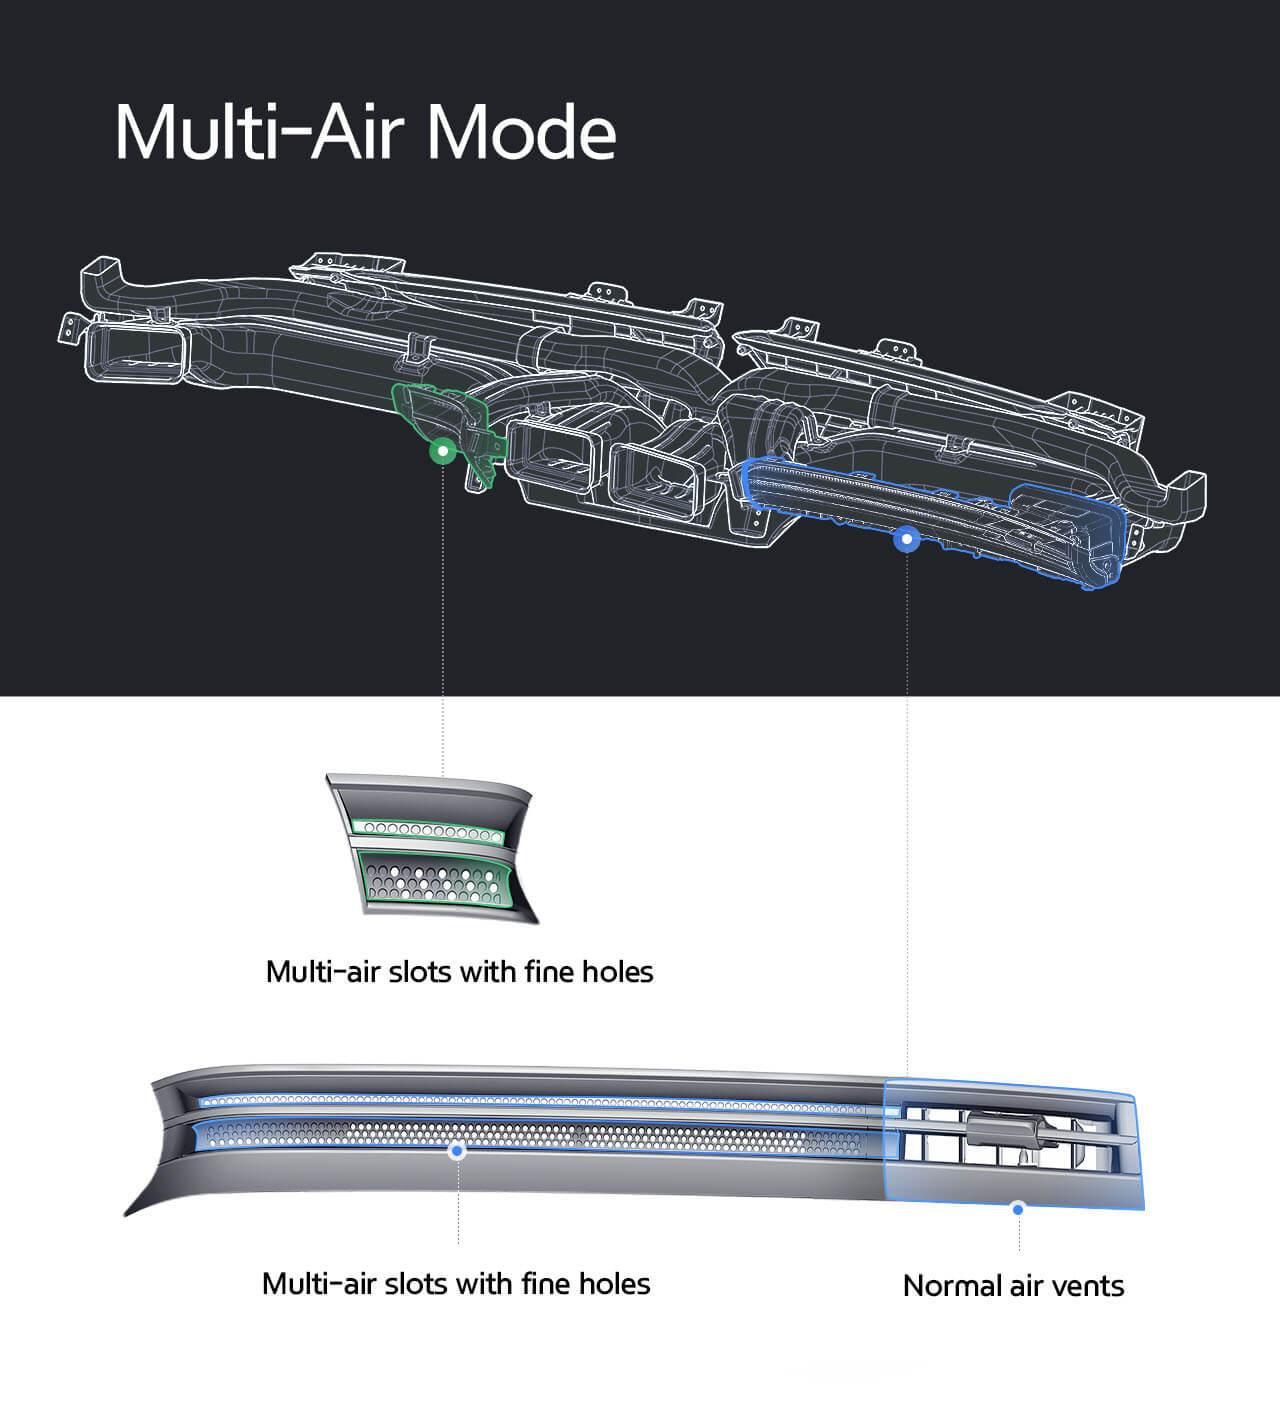 Multi-Air Mode рассеивает поток воздуха, уменьшая прямой контакт с ним